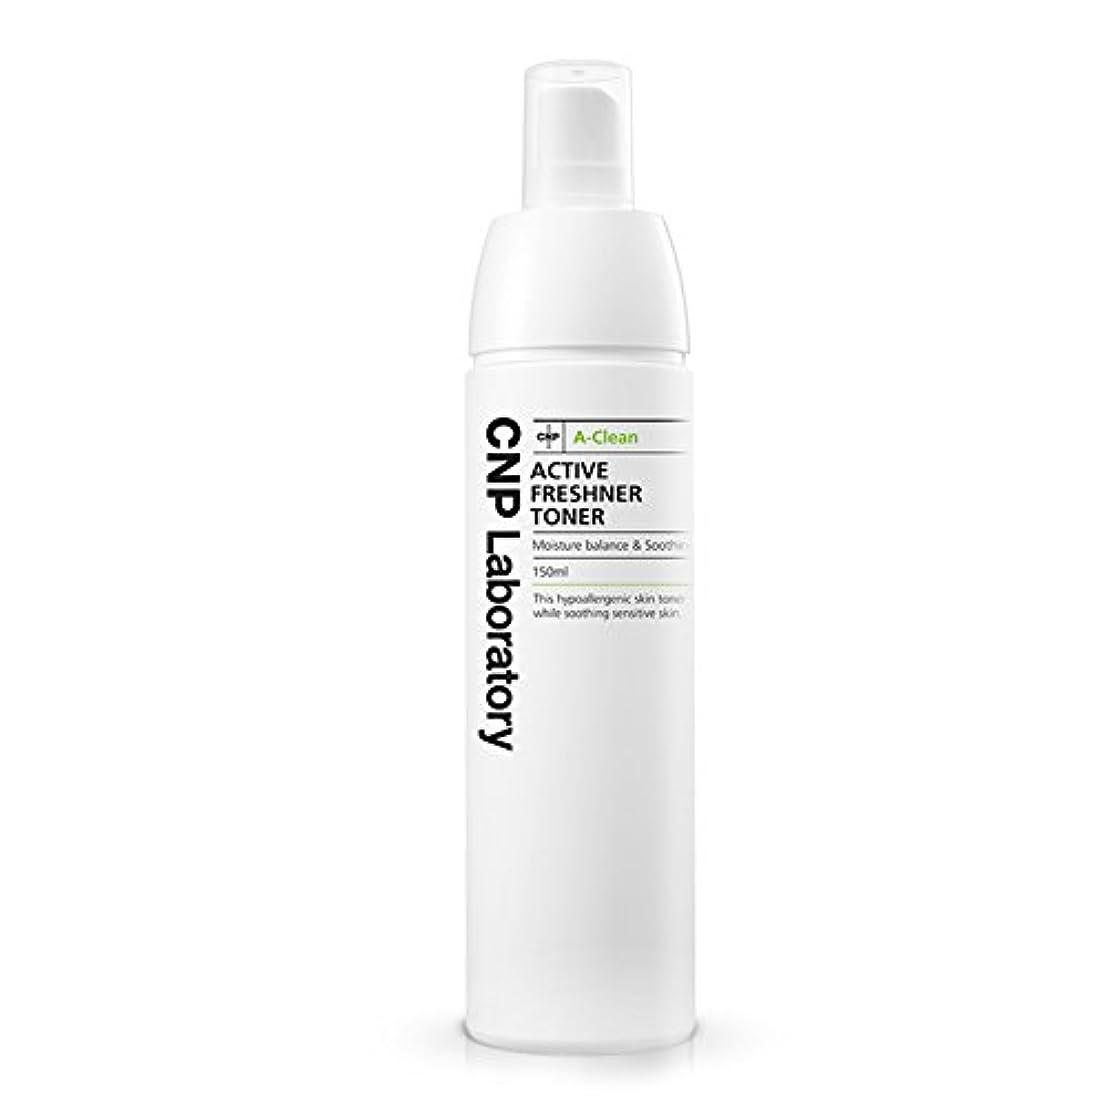 [差額泊/CNP]A CLEAN FRESHNER TONER /Aクリーン フレッシュナートナー 150ml【化粧水】(海外直送品)